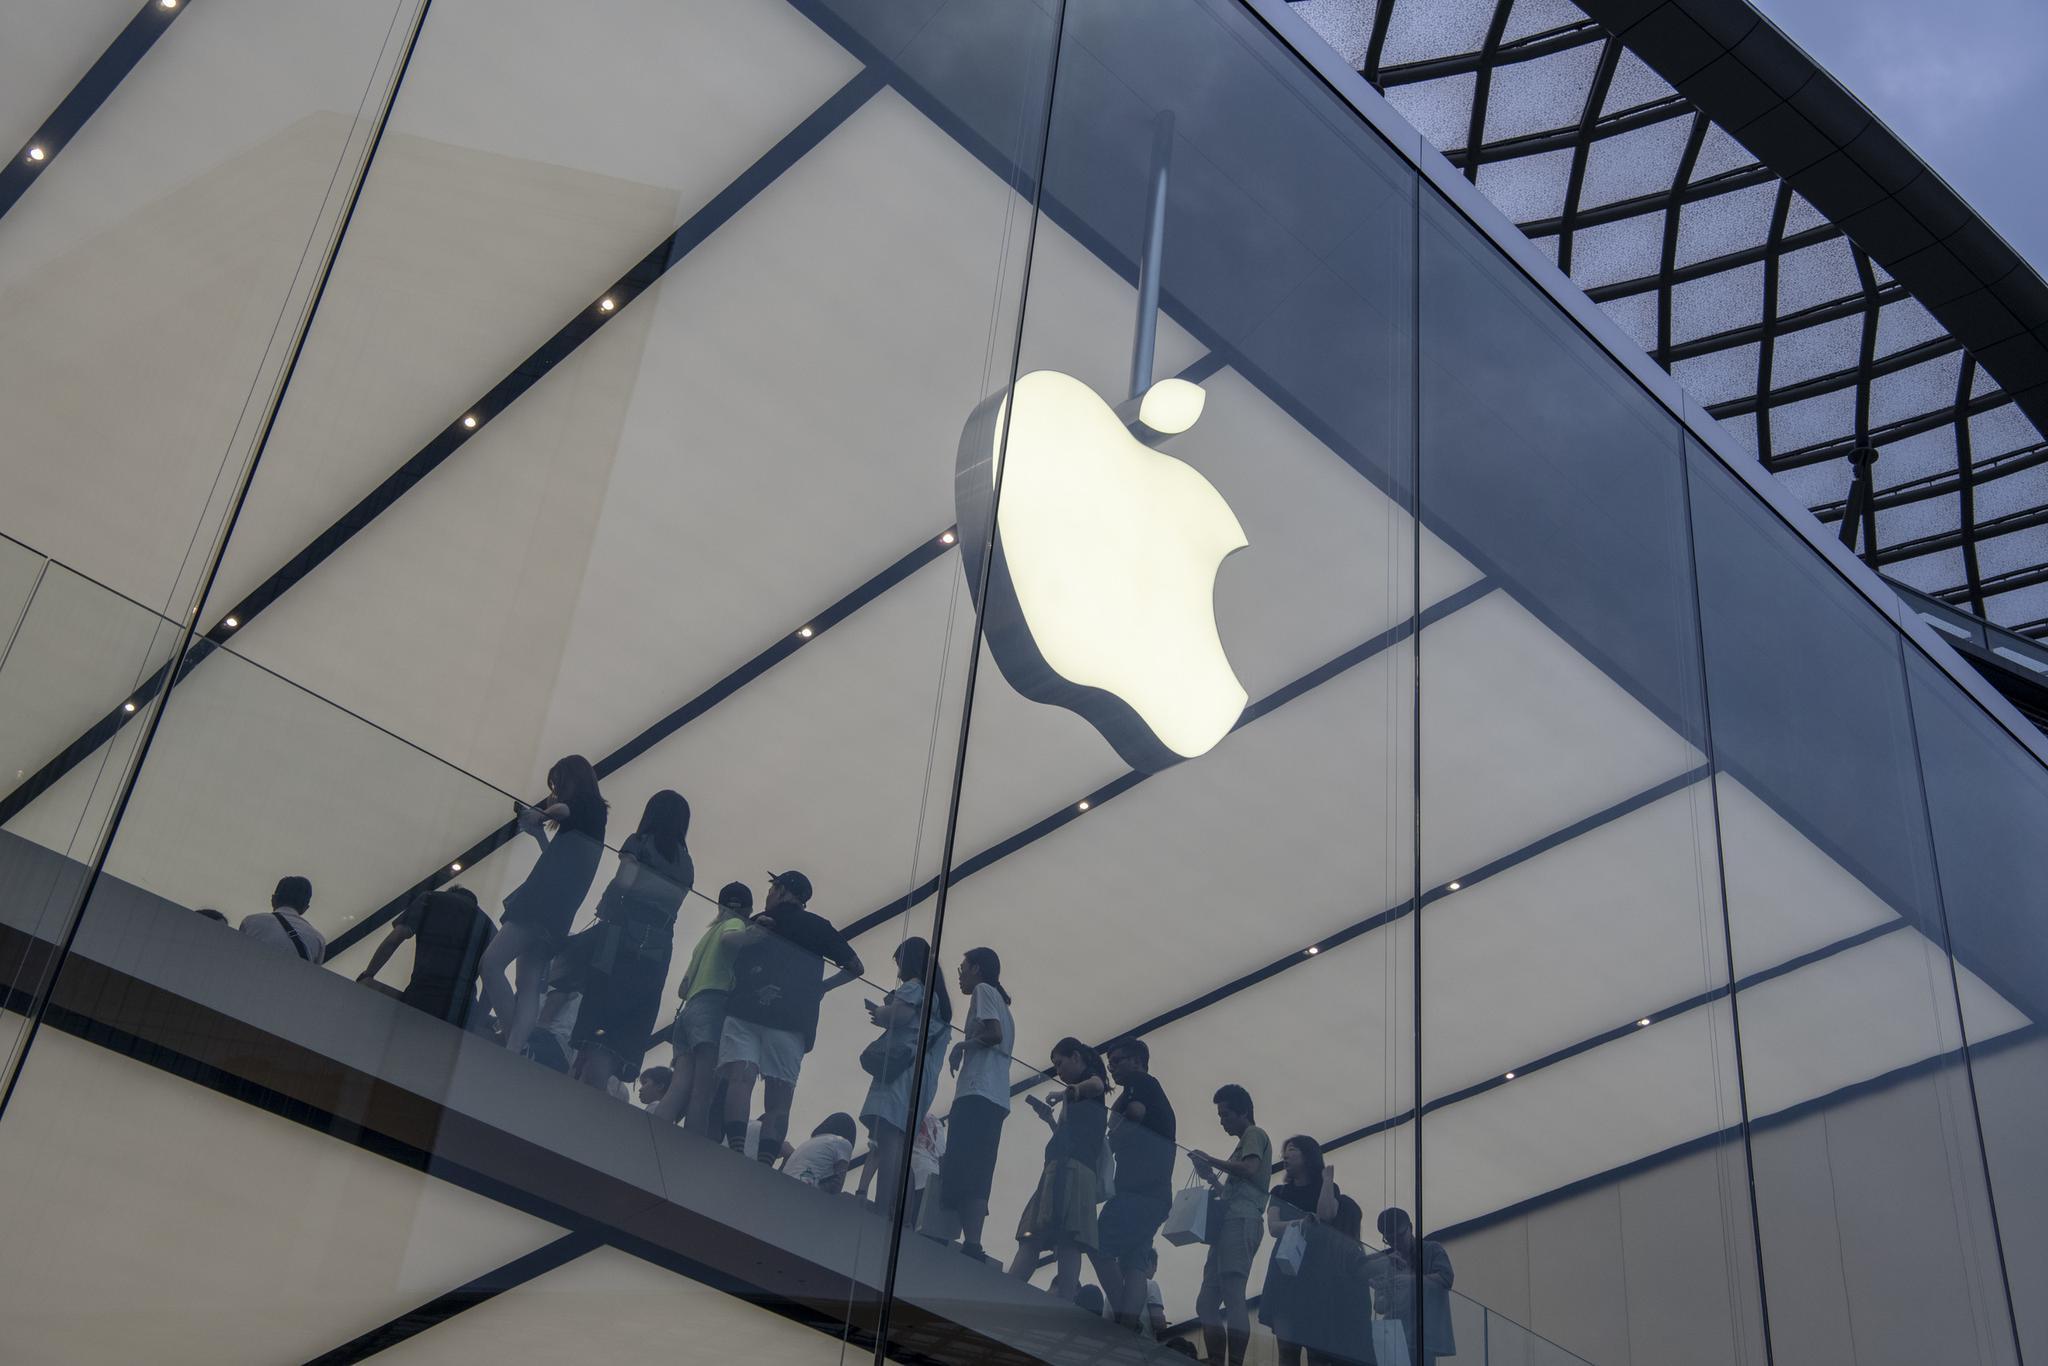 苹果2020财年首季业绩报喜,5G及屏幕技术更迭落后之下前路难料